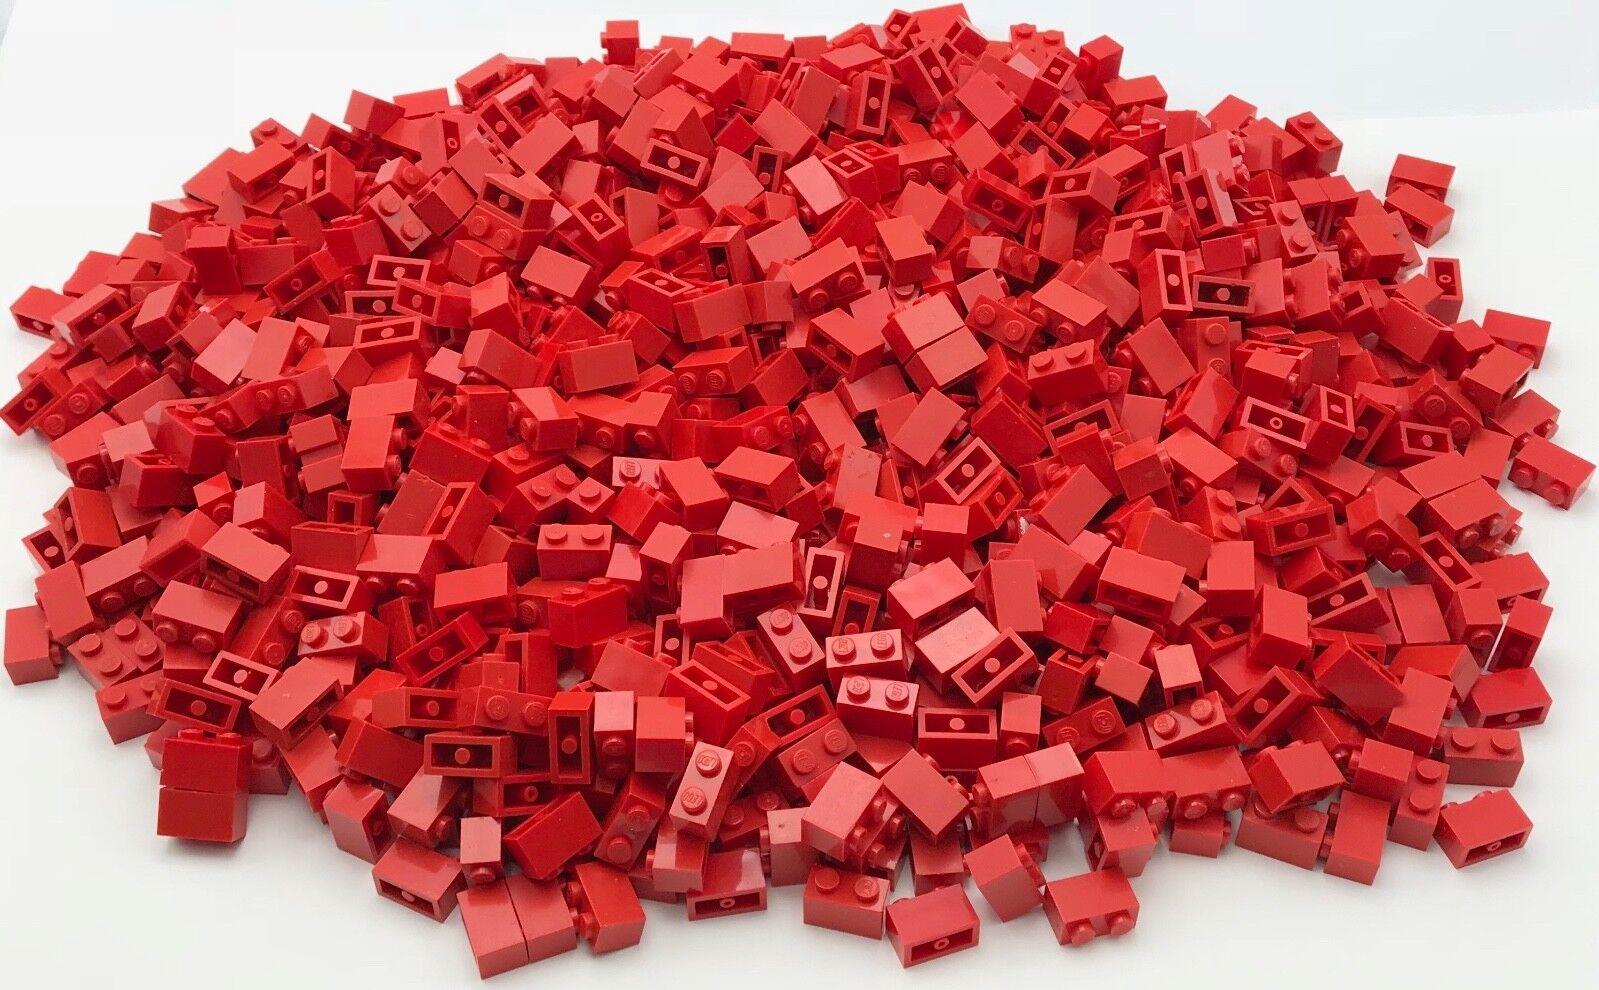 Lego 1000 Rojo 1 X 2 Dot Stud Ladrillos Piezas de bloques de construcción